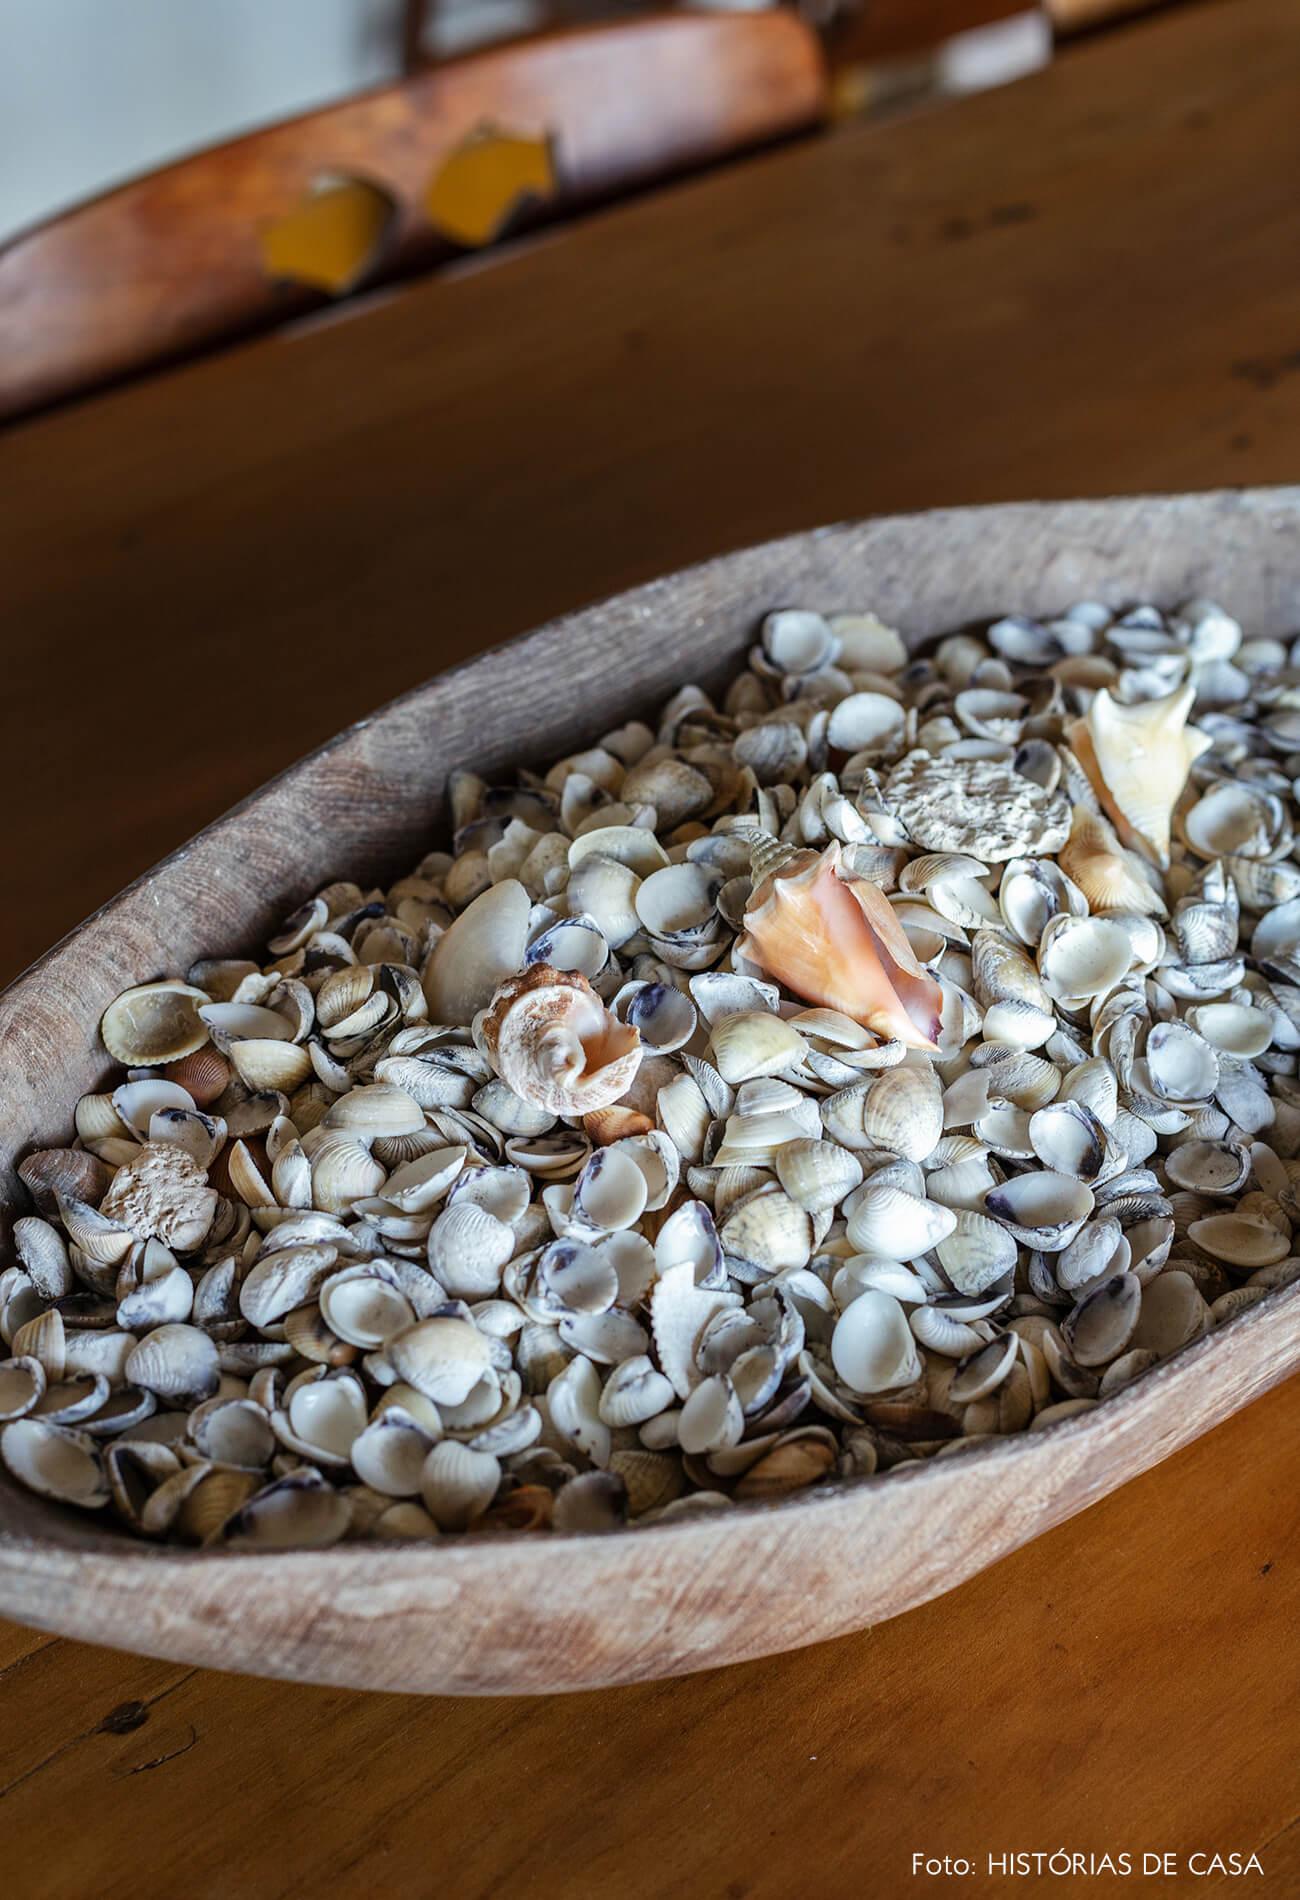 detalhe-de-conchas-em-tigela-madeira